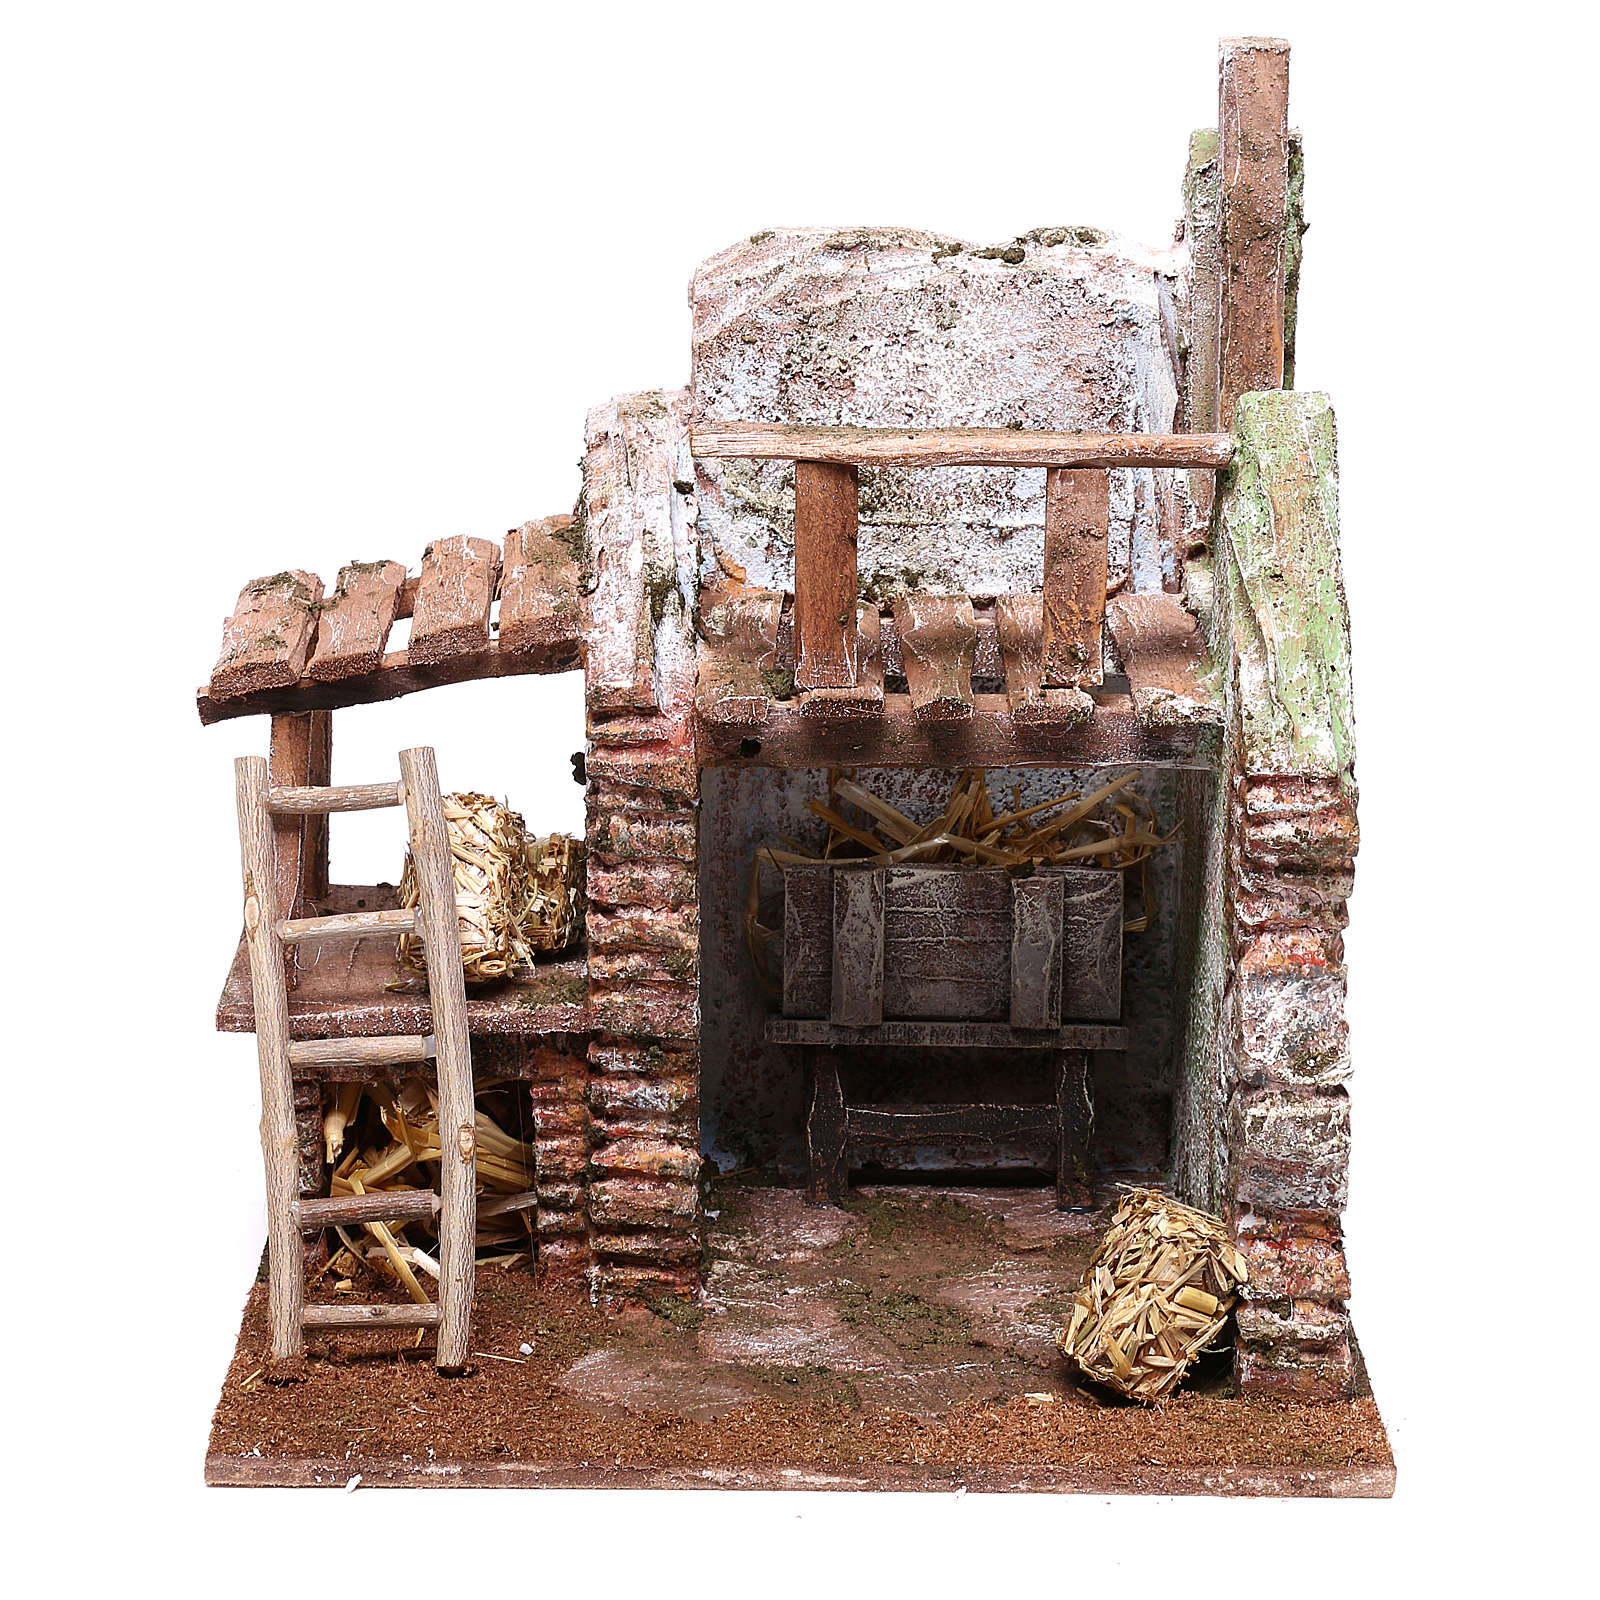 Barn 20x20x15 cm for Nativity scene of 10 cm 4